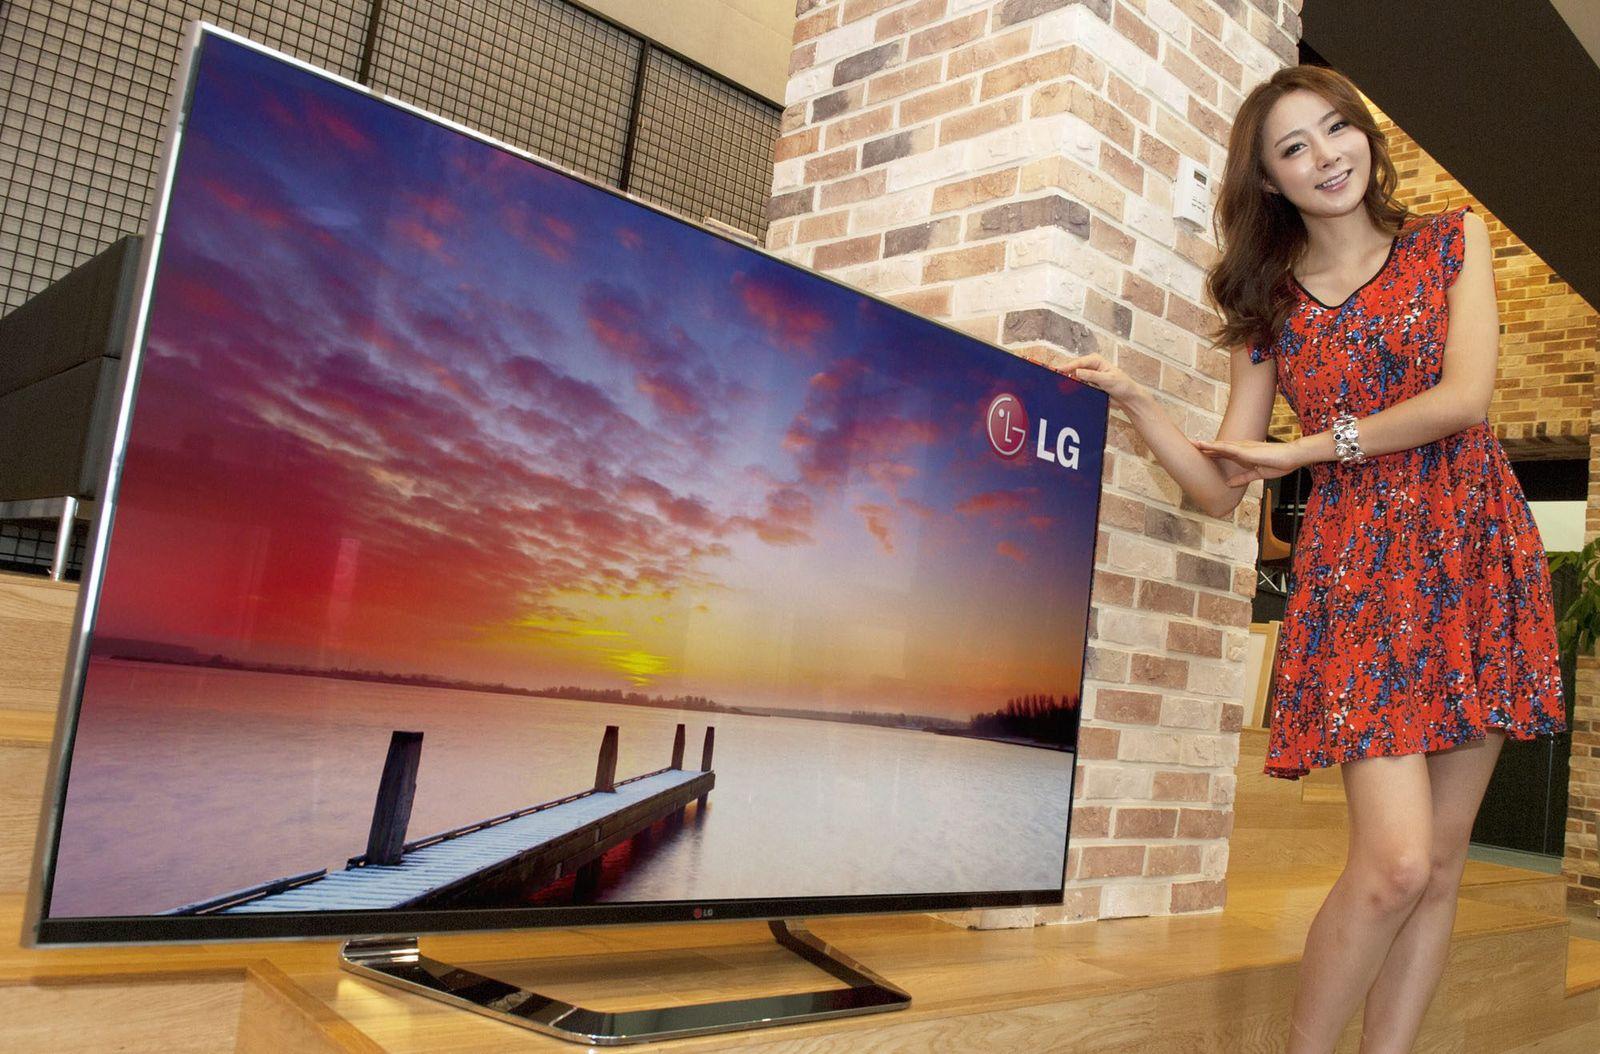 LG 60-inch 3D smart TV